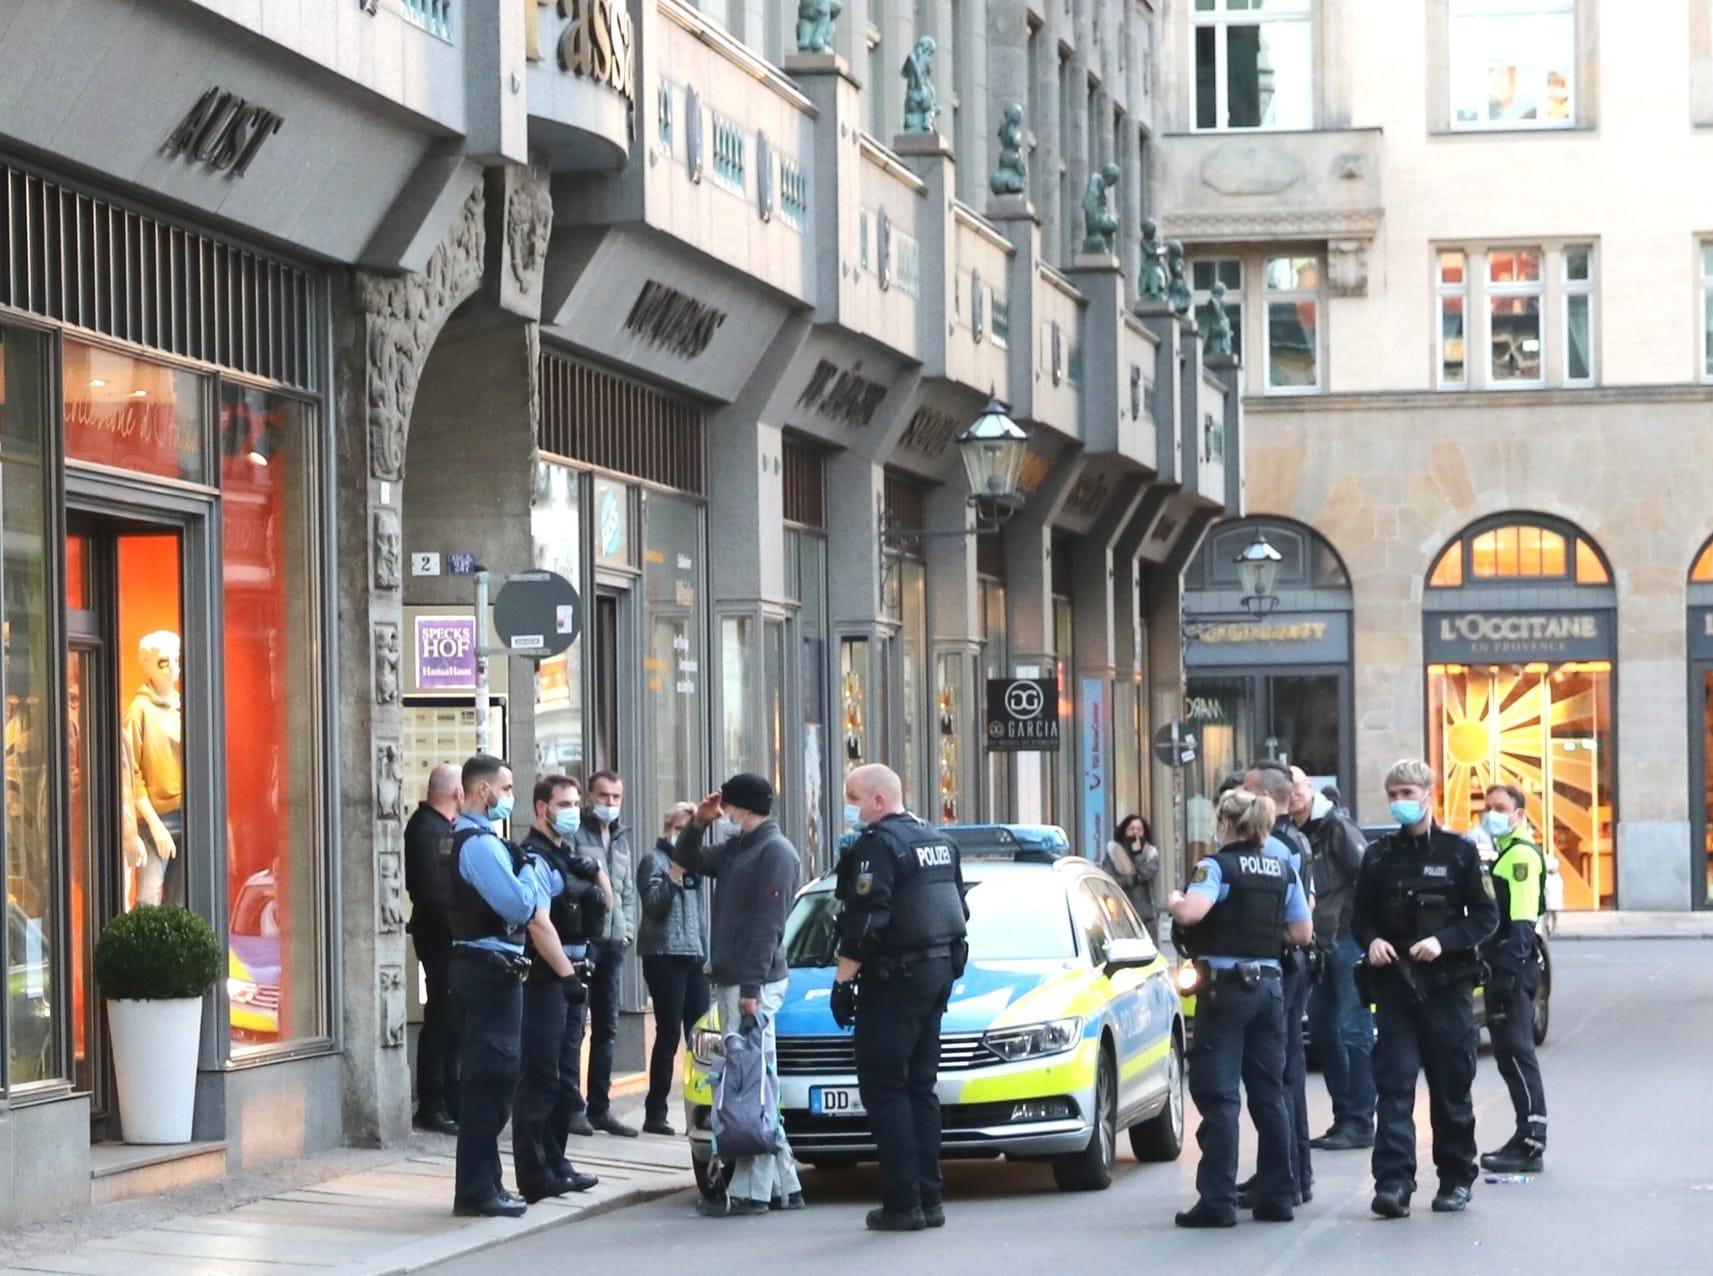 """Mancher Querdenker war früh frustriert und hoffte auf dei Hilfe der Polizei gegen """"die Antifa"""". Foto: LZ"""